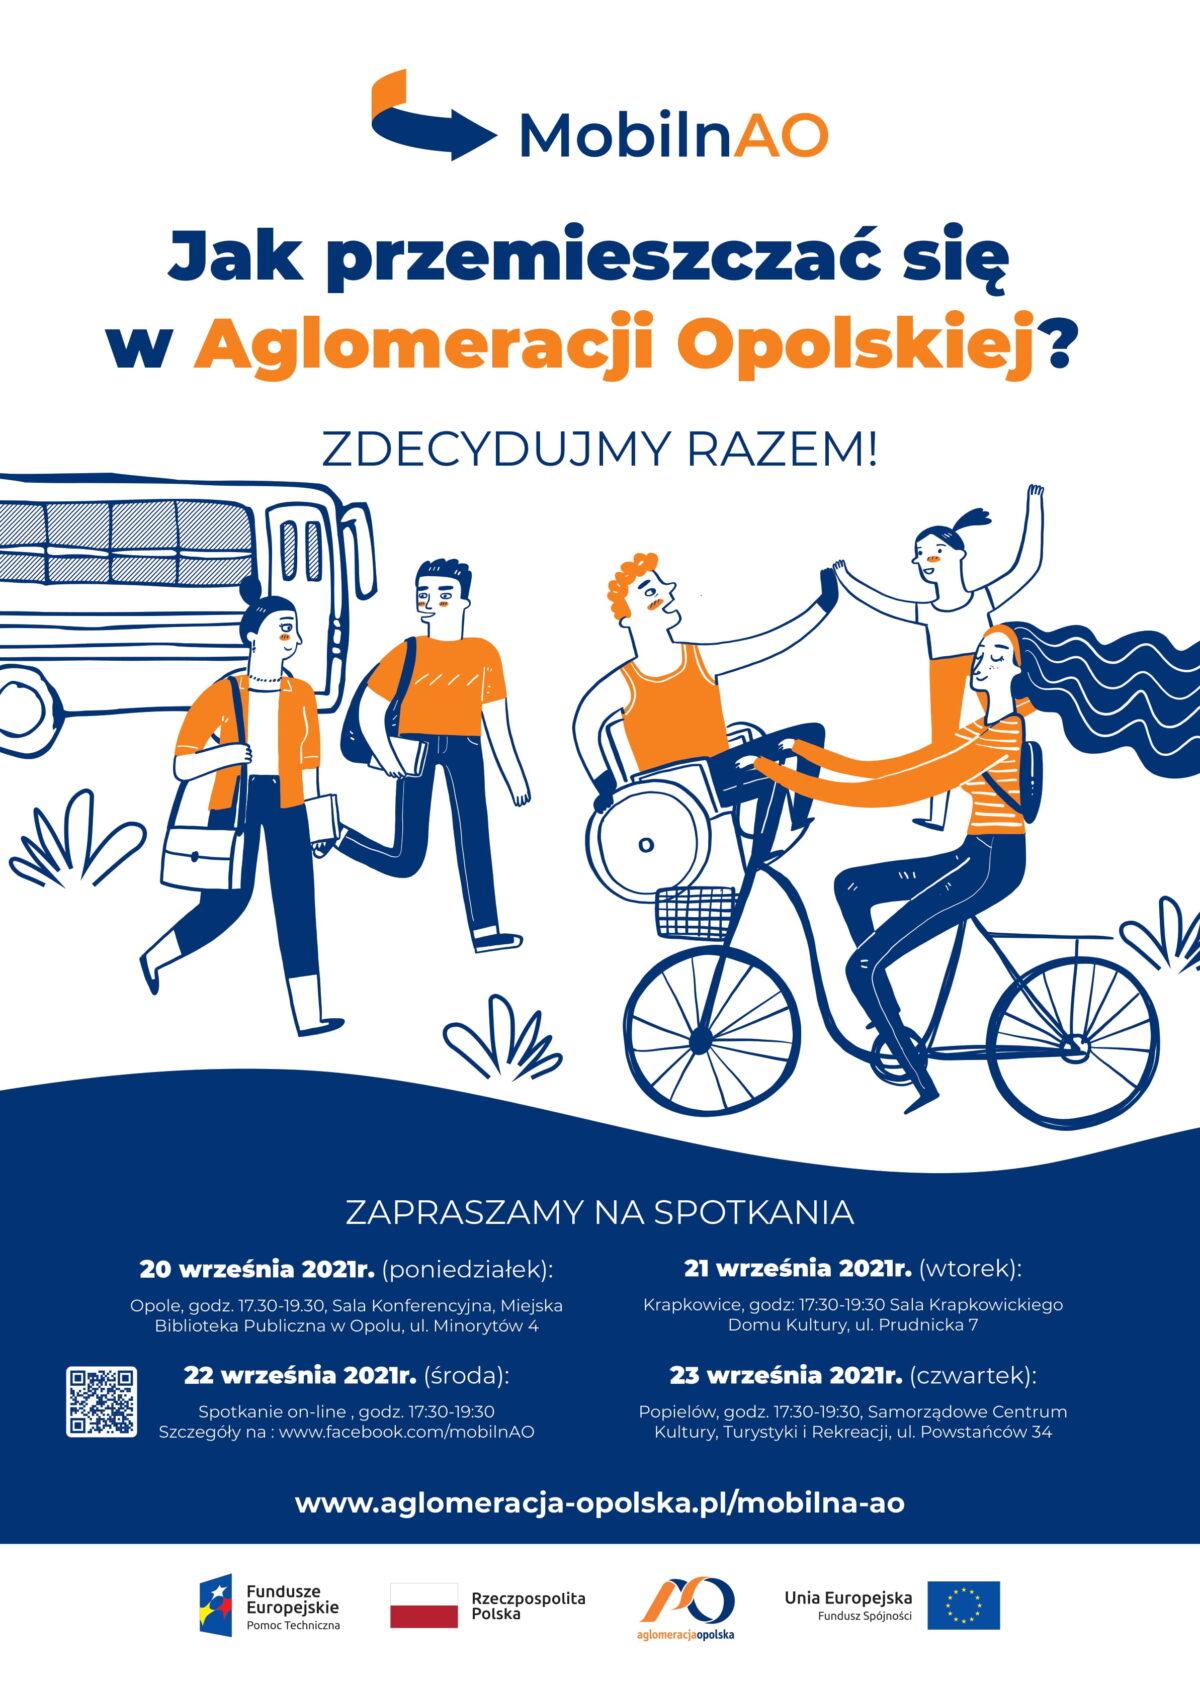 Jak przemieszczać się w Aglomeracji Opolskiej? Zdecydujmy razem.